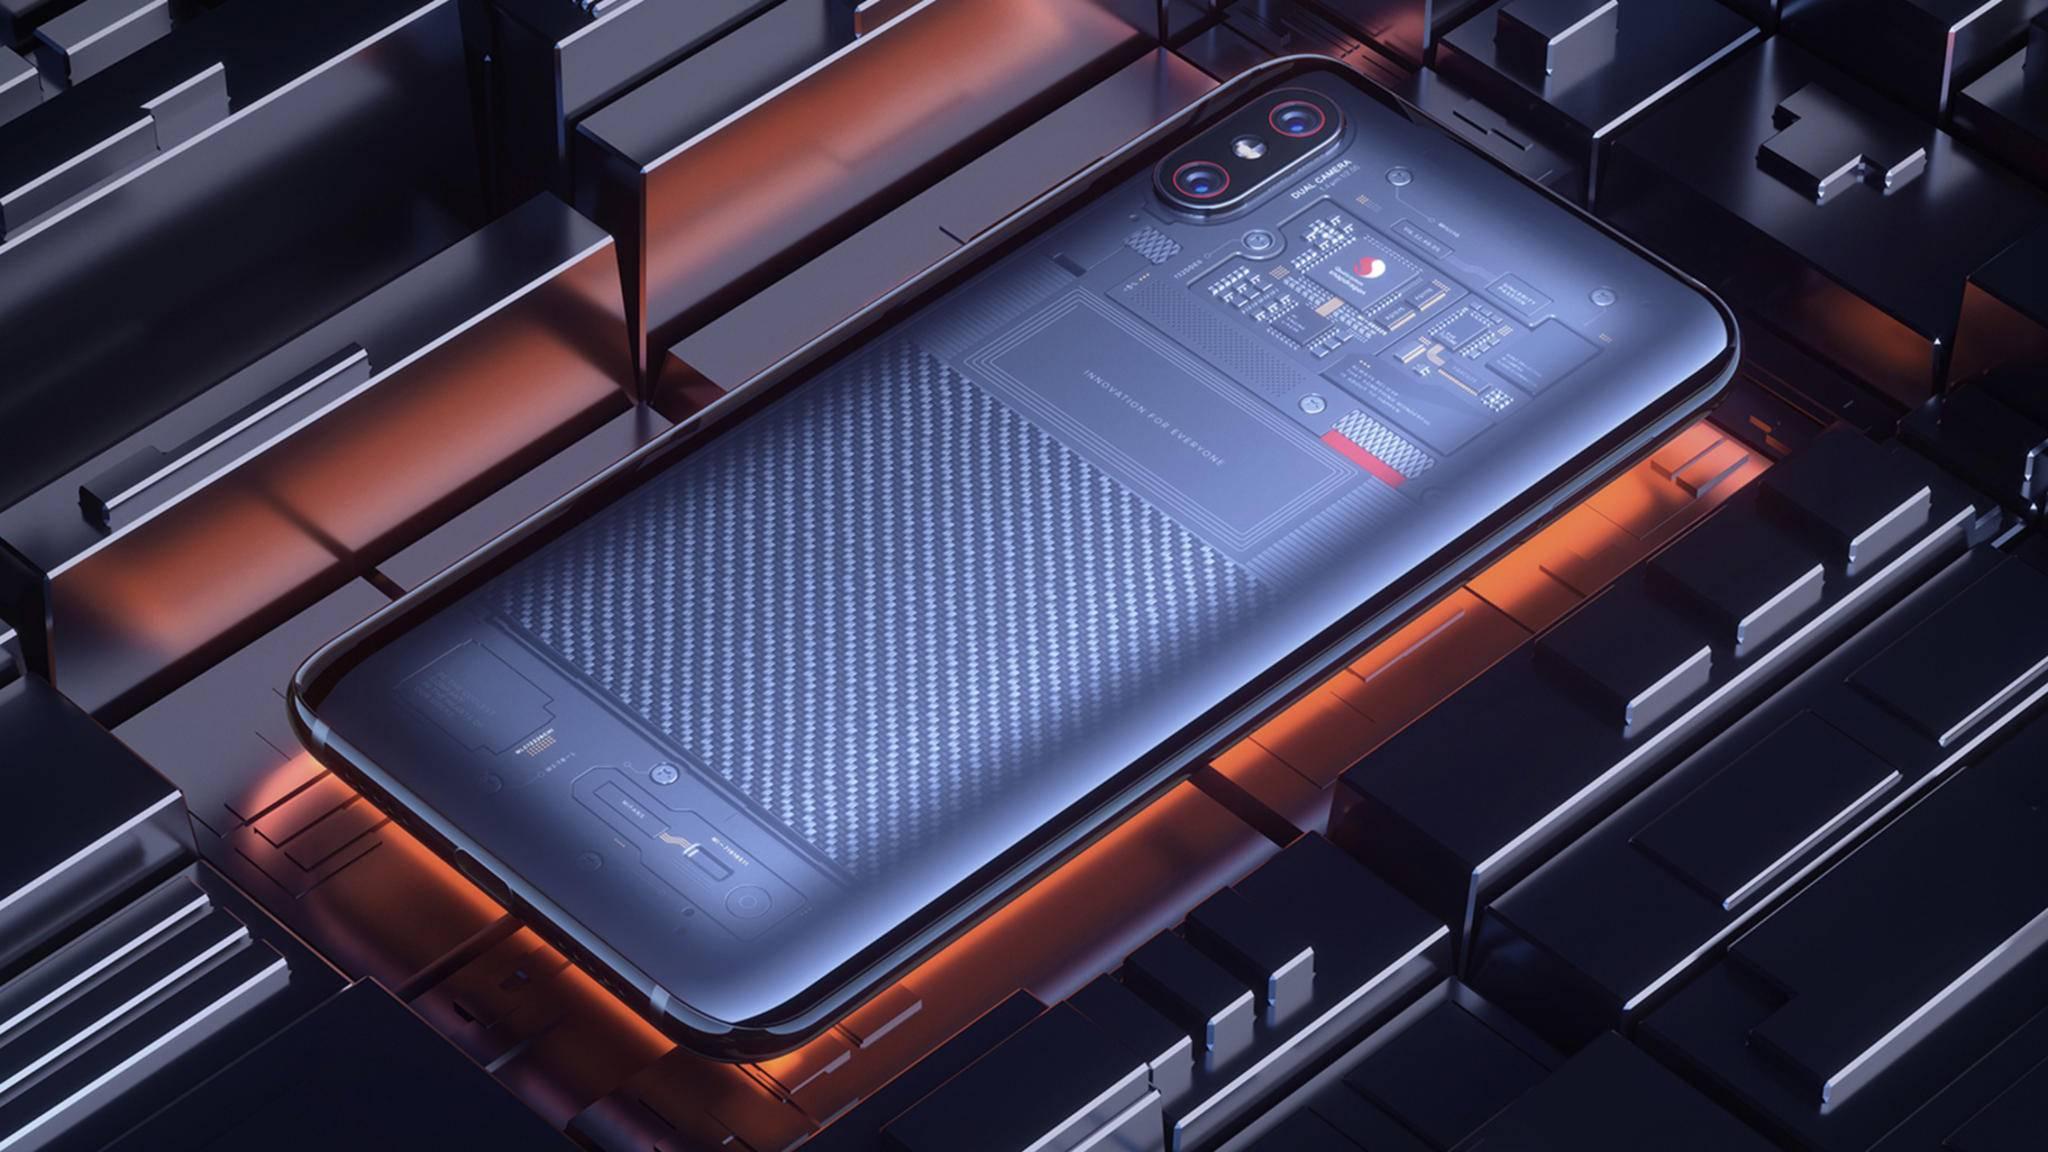 Die Explorer Edition verfügt über eine transparente Rückseite und eine fortschrittliche 3D-Gesichtserkennung.